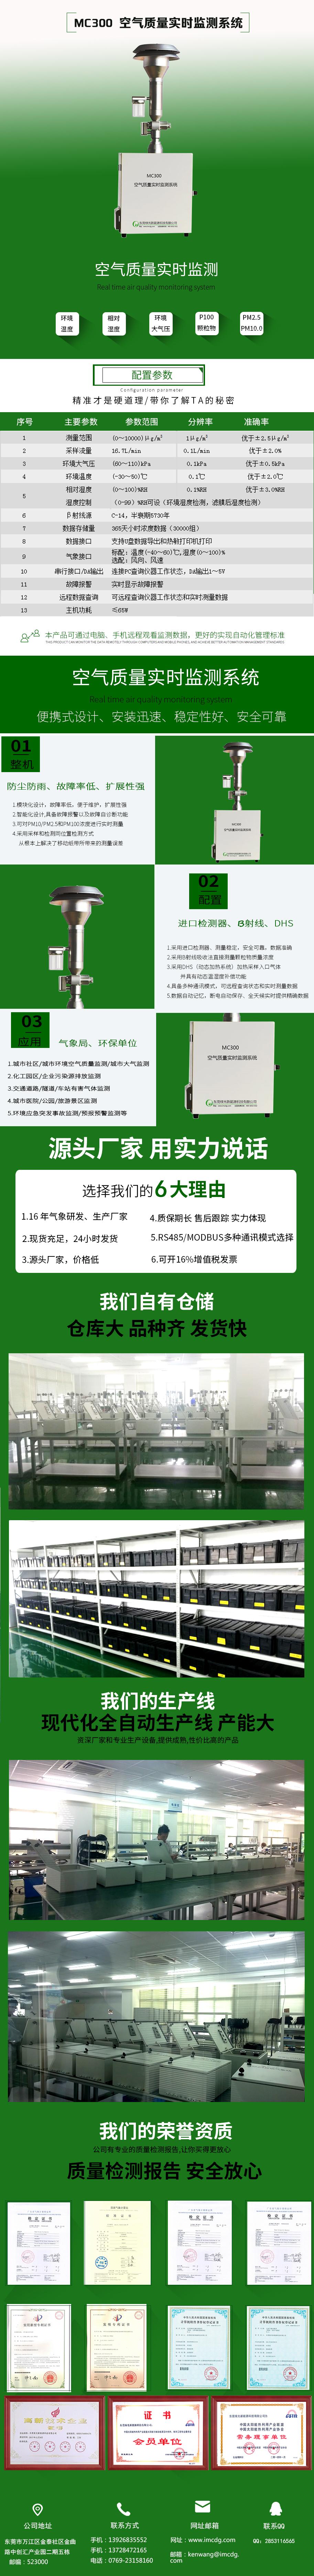 空气质量监测(官网).jpg